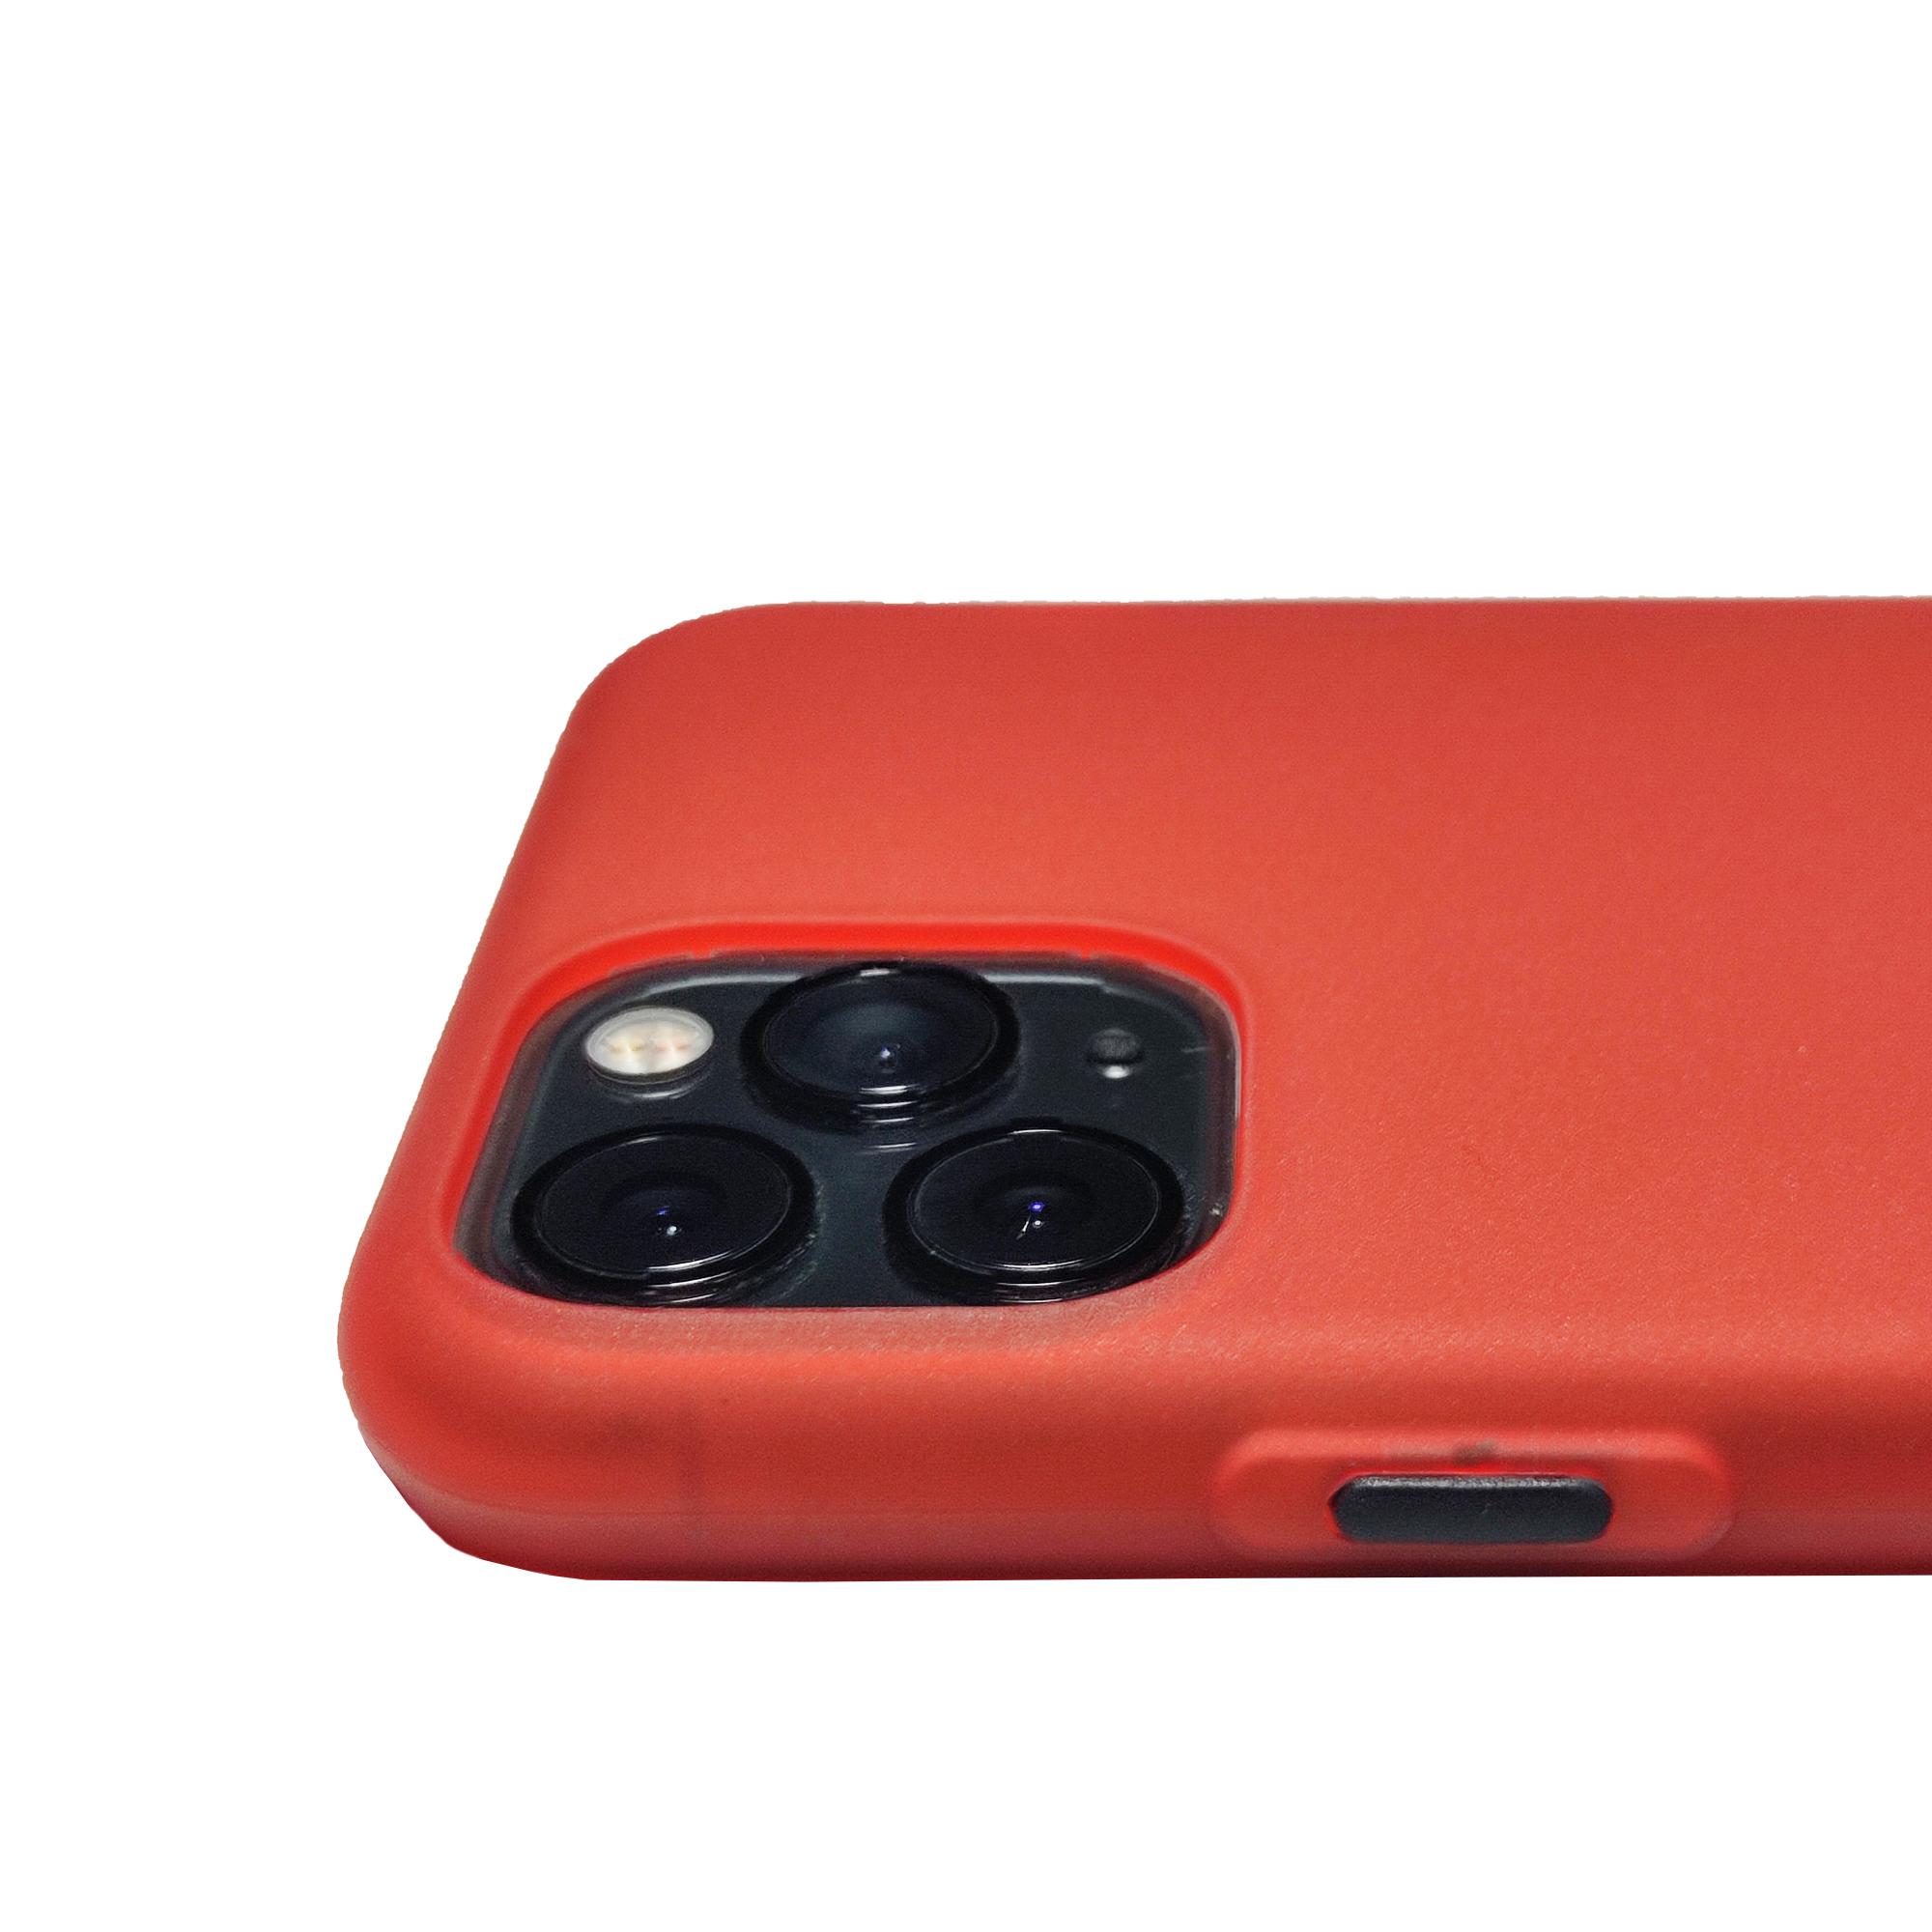 کاور راک مدل SPRT01 مناسب برای گوشی موبایل اپل iPhone 11 Pro thumb 2 14